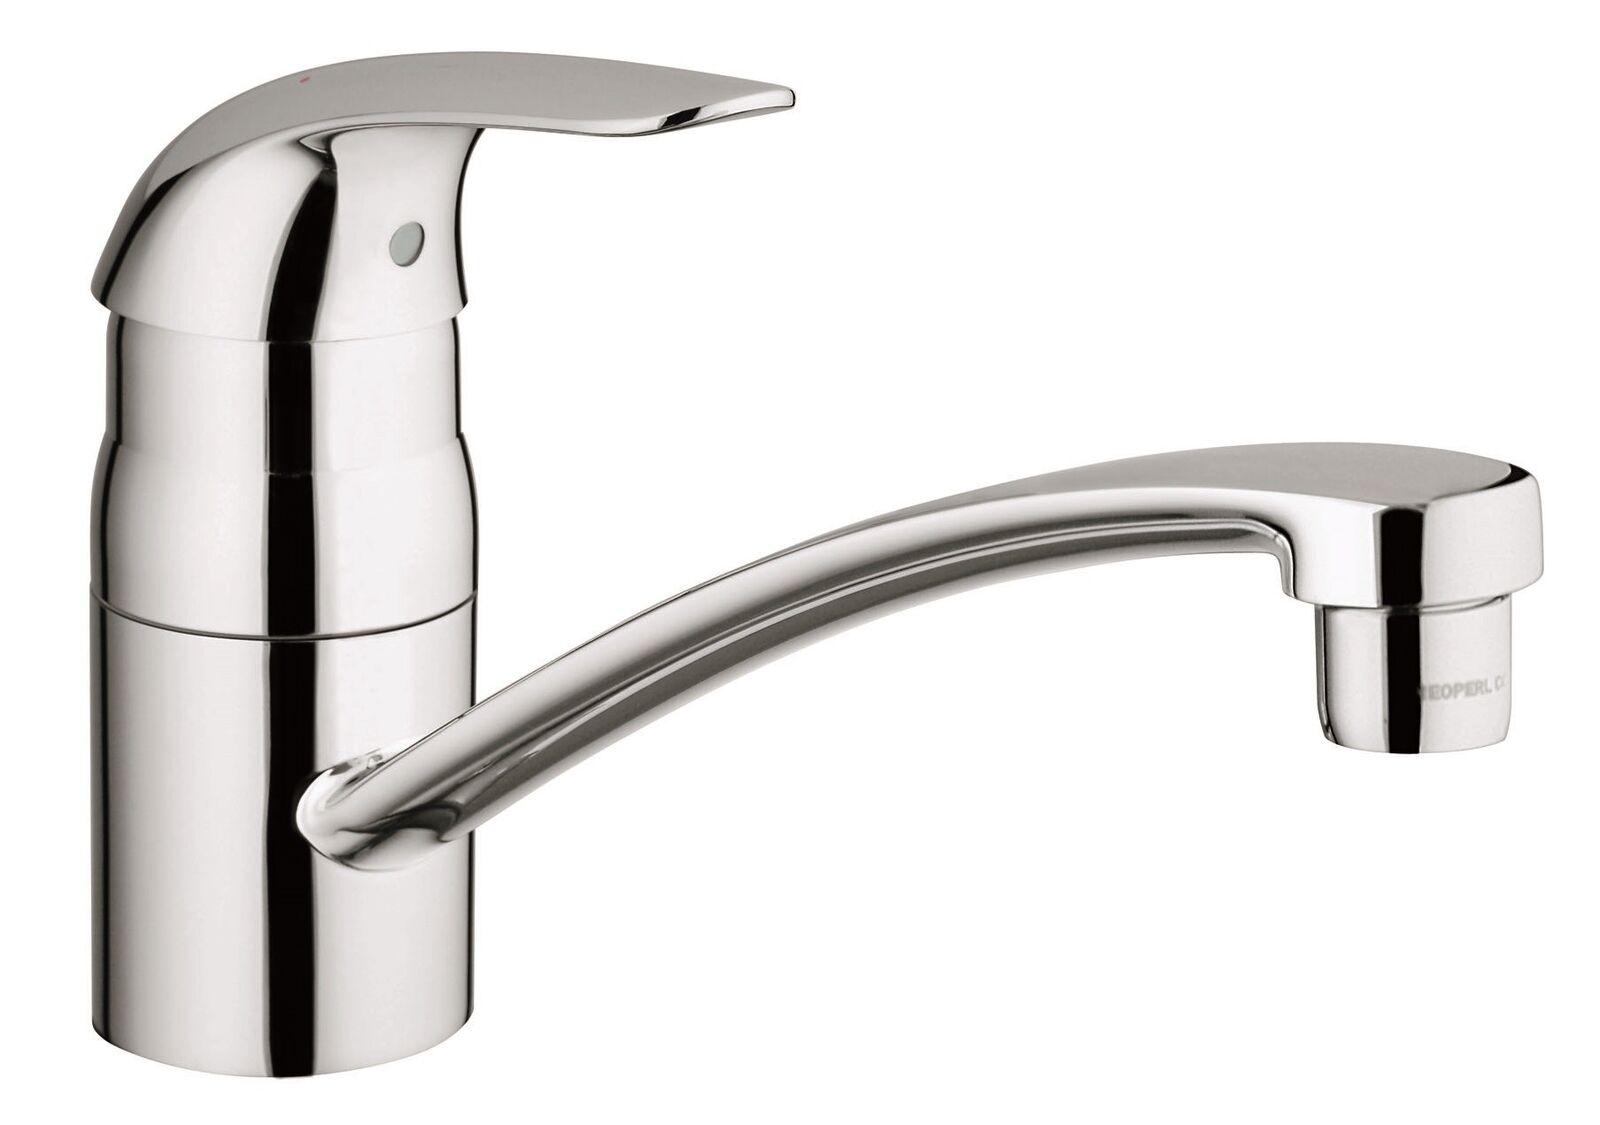 Grohe SWIFT Einhand-Spültischarmatur, GRO31341000 | Good Design  | Angenehmes Aussehen  | Neuer Stil  | Ausgezeichneter Wert